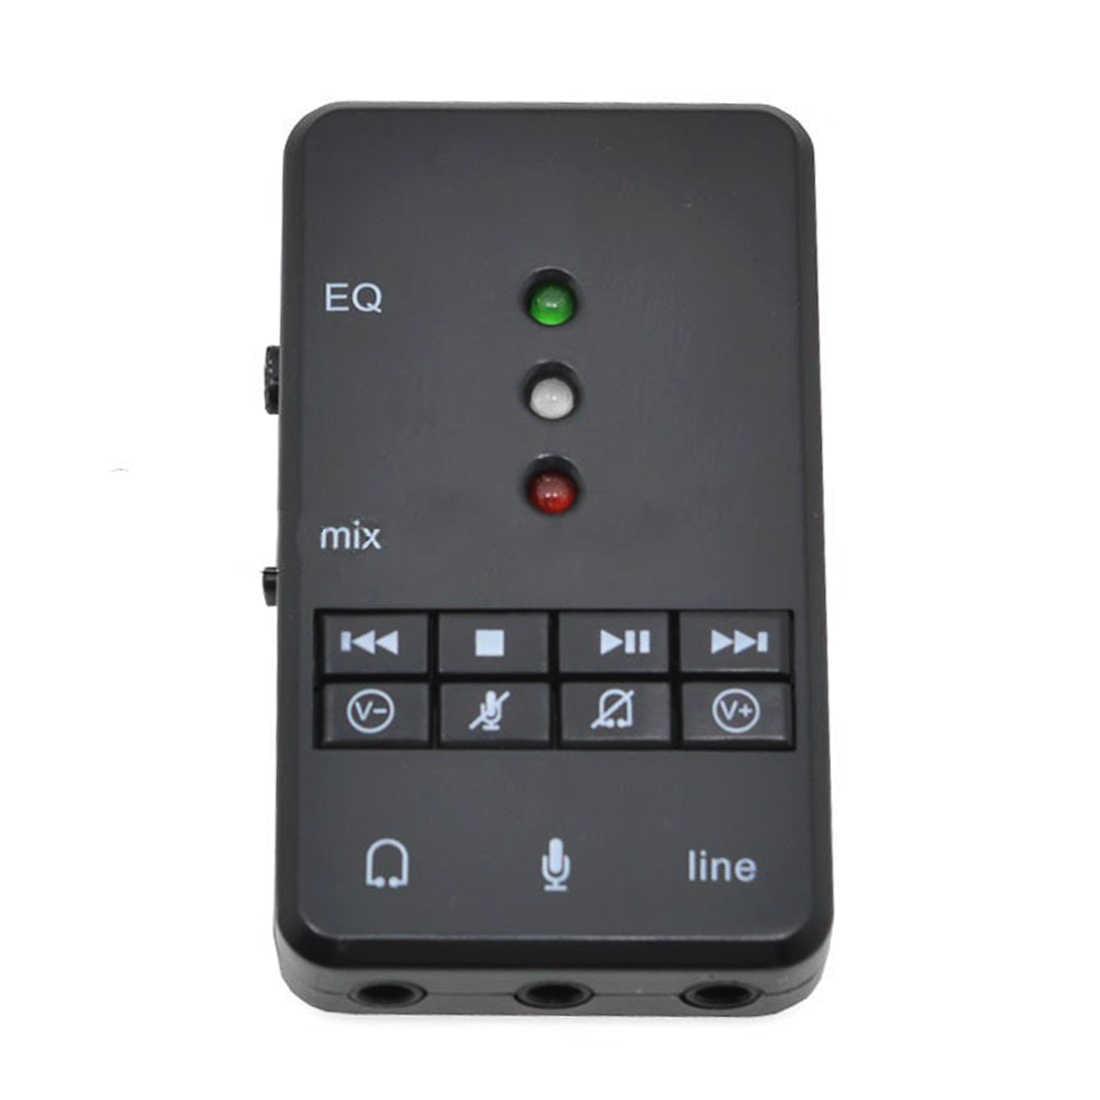 NOYOKERE новый внешний USB адаптер звуковой карты 7,1 канальный 3D Аудио гарнитура микрофон 3,5 мм разъем для ПК ноутбук Win XP/78 Linux